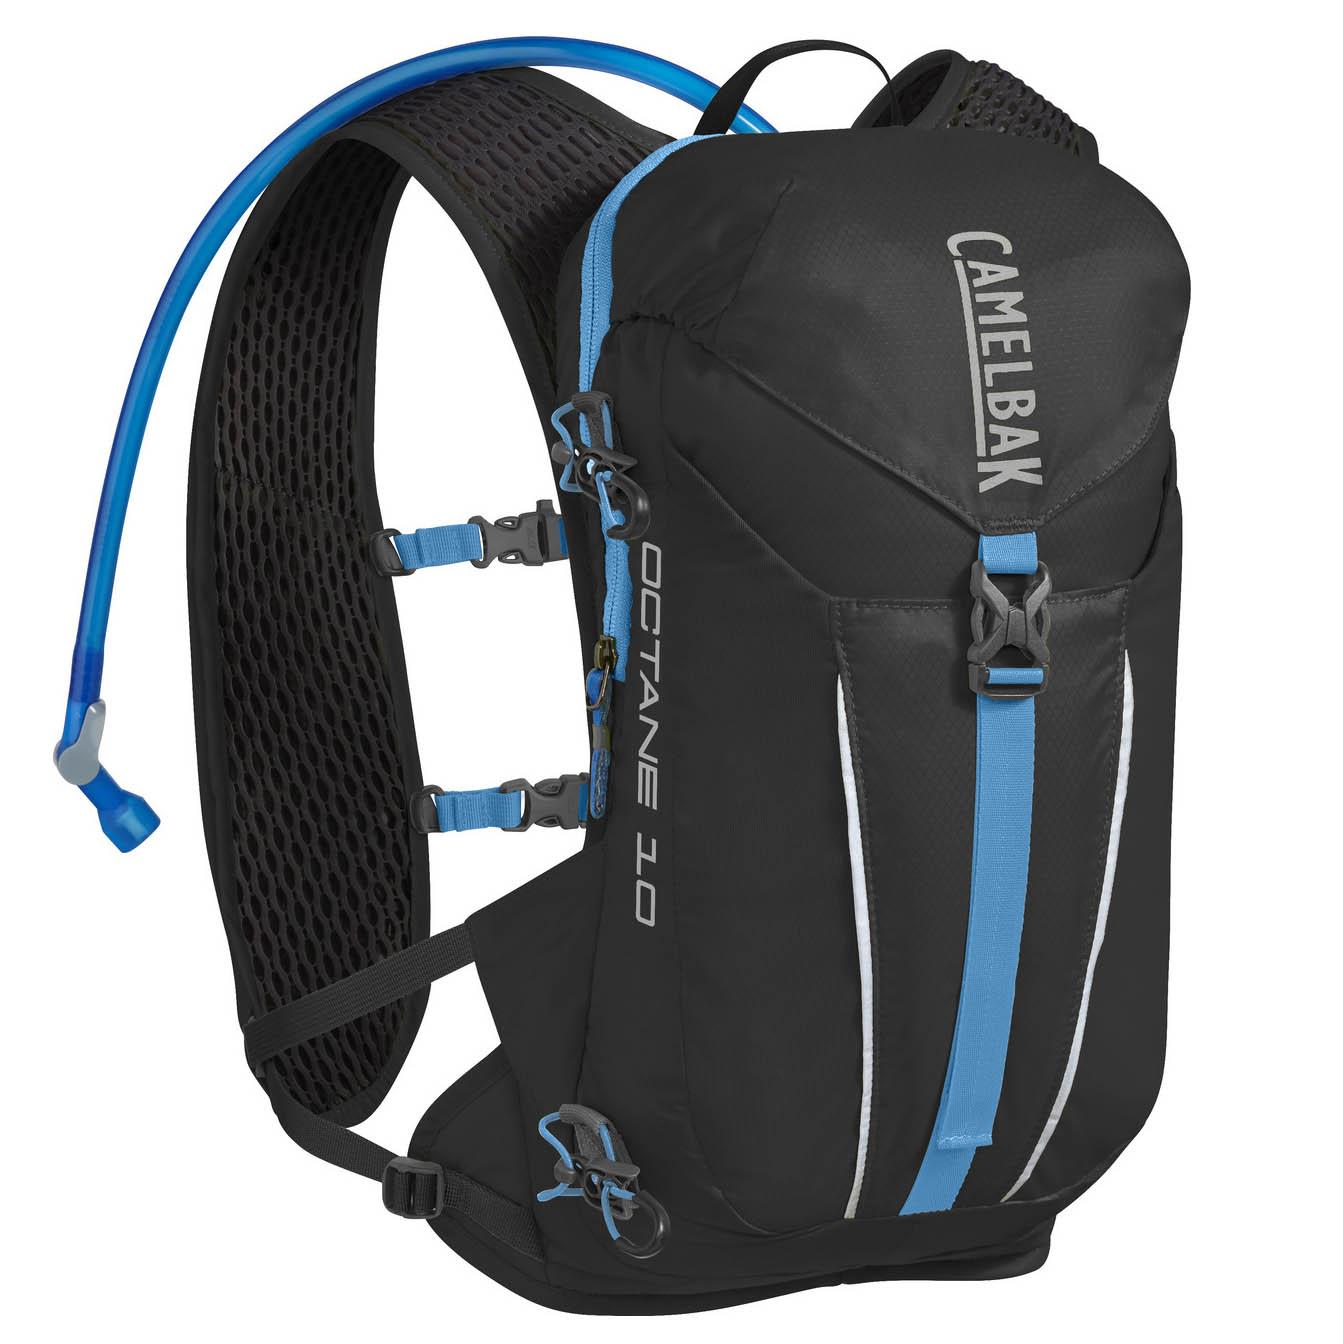 Camelbak Octane 10 Hydration Running Backpack – Black/Blue